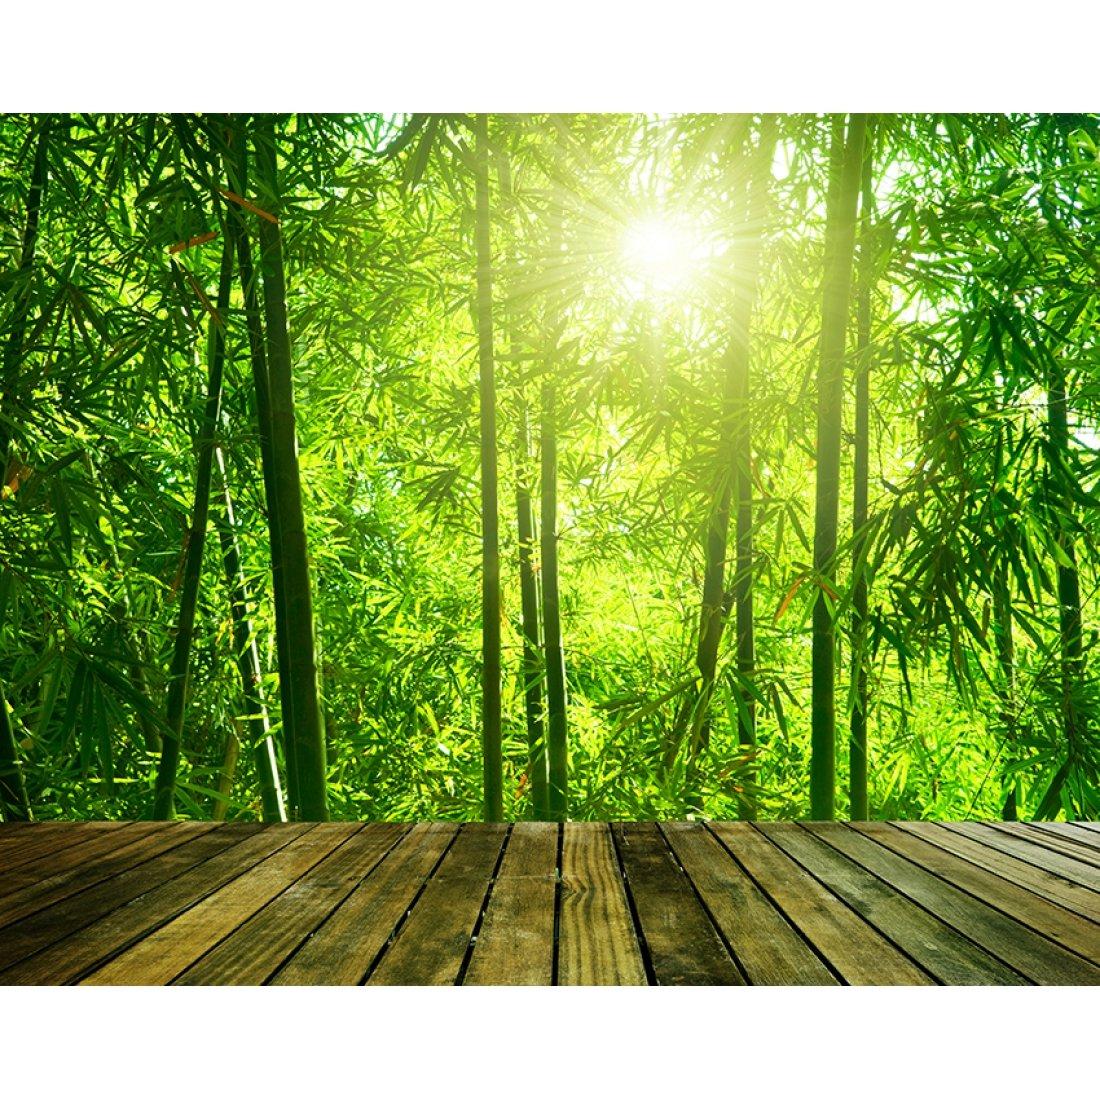 Фотообои Divino Decor Выход в бамбуковую рощу артикул С1-372